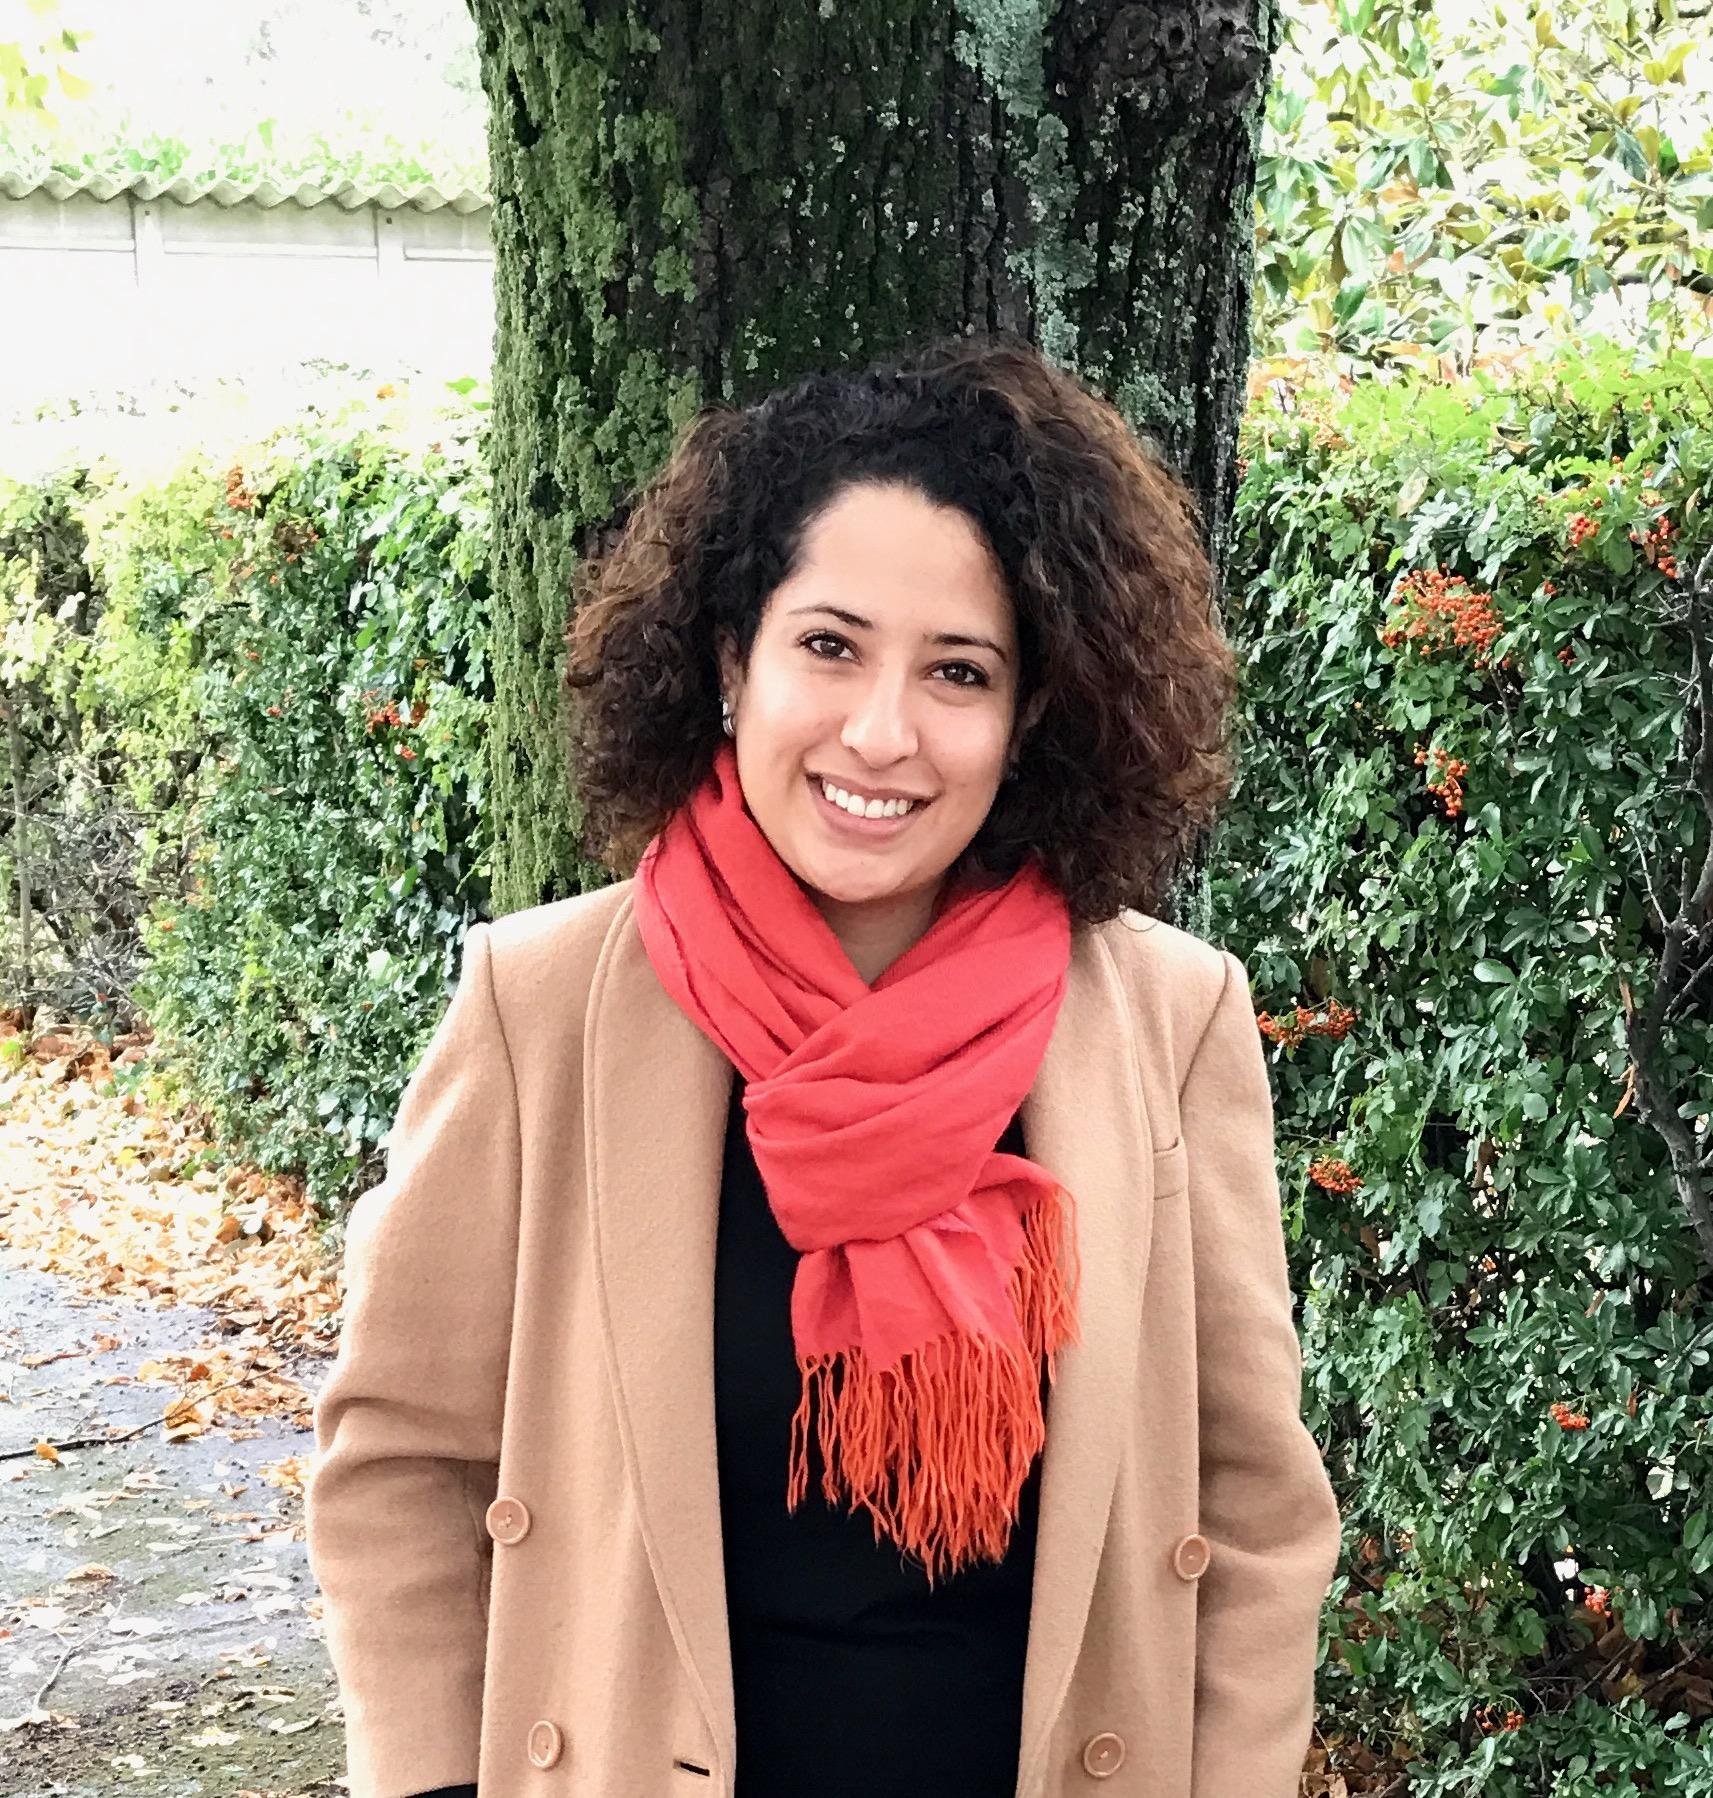 Con sólo 24 años: Kataliana Torrez Agramont, la boliviana que destaca en Airbus